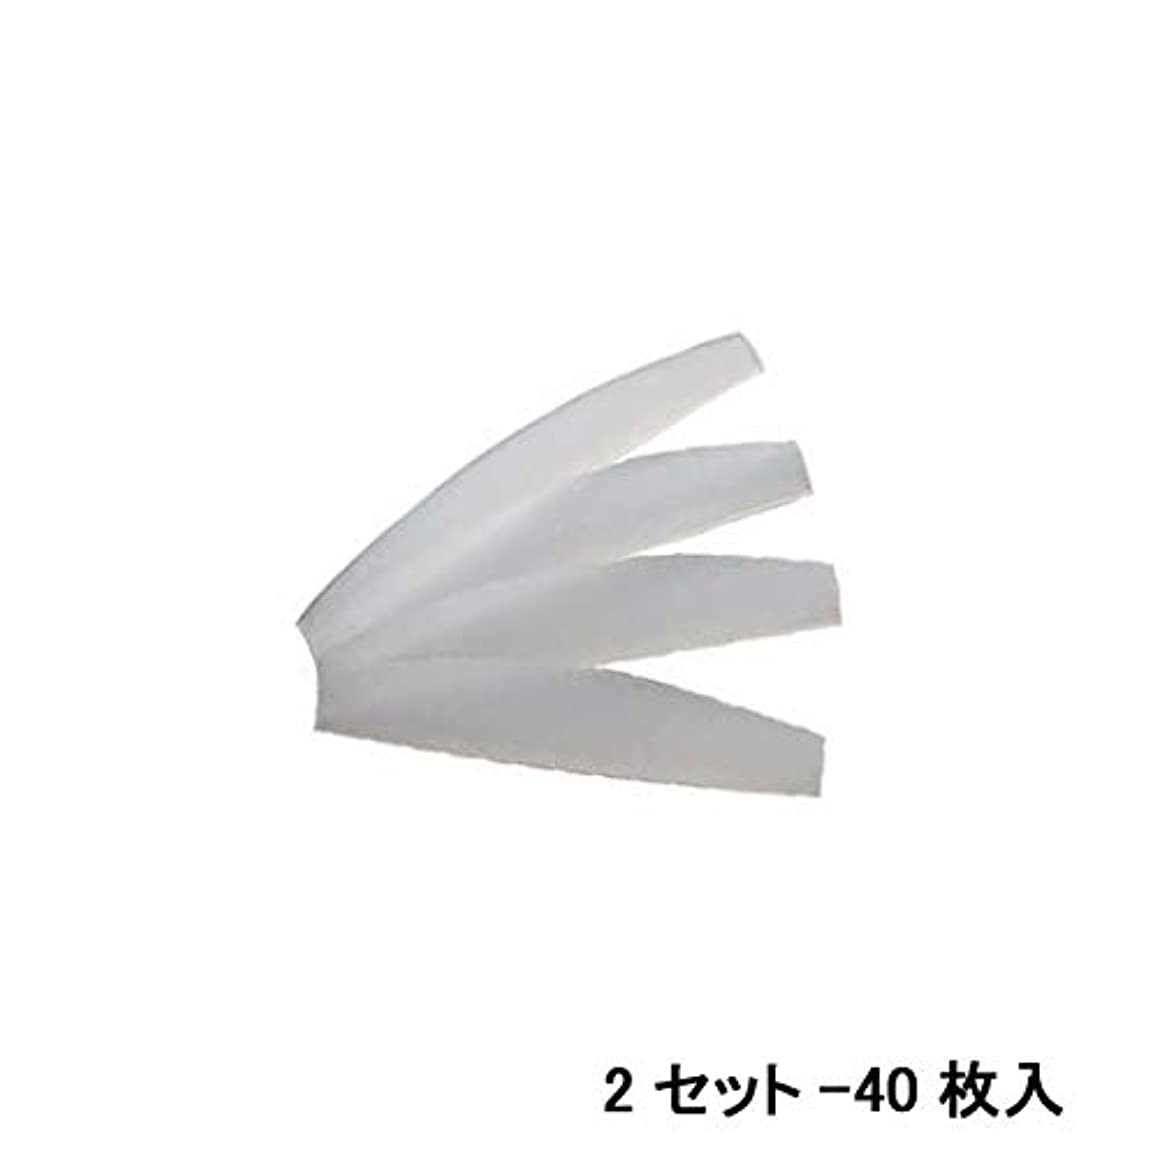 受け入れる枝もっと< CKL > 万能シリコンロット L 幅49×奥行9×高さ1.5~2.5mm 20枚 (2セット-40枚入) [ まつげカール まつげパーマロッド シリコンロット まつげエクステ まつ毛エクステ まつエク マツエク ]